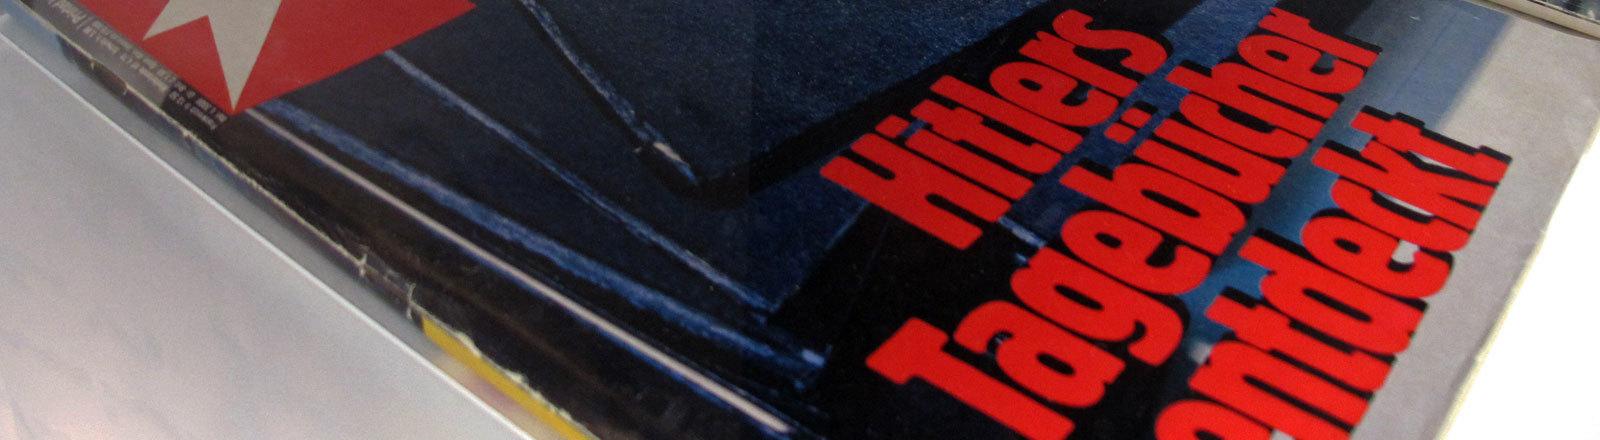 """Cover des Magazins """"Stern"""". Ausgabe Hitler-Tagebücher."""